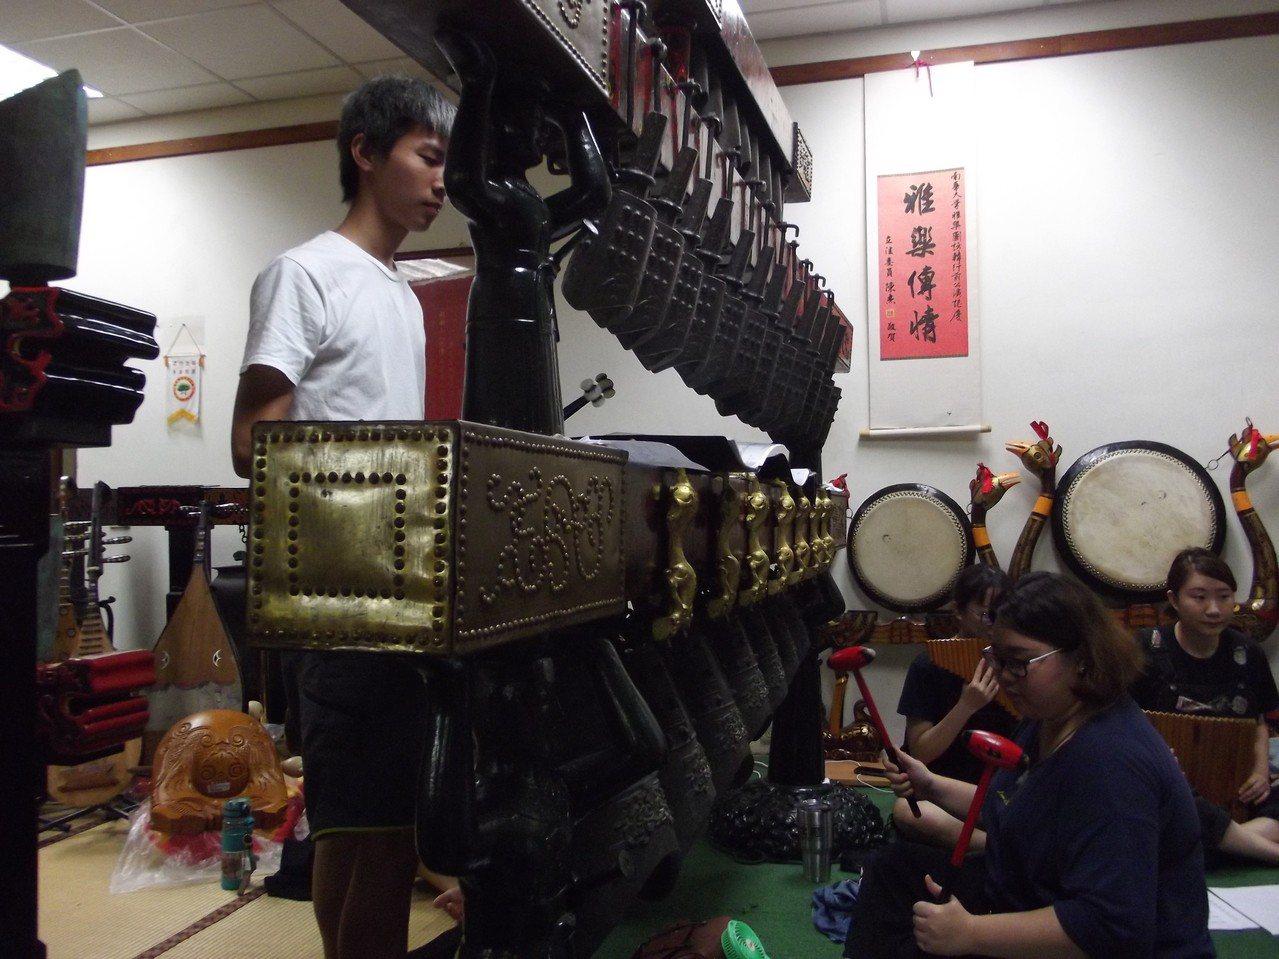 雅樂團學生演奏中國古代宮廷禮樂,搭配西方現代流行樂。記者謝恩得/攝影